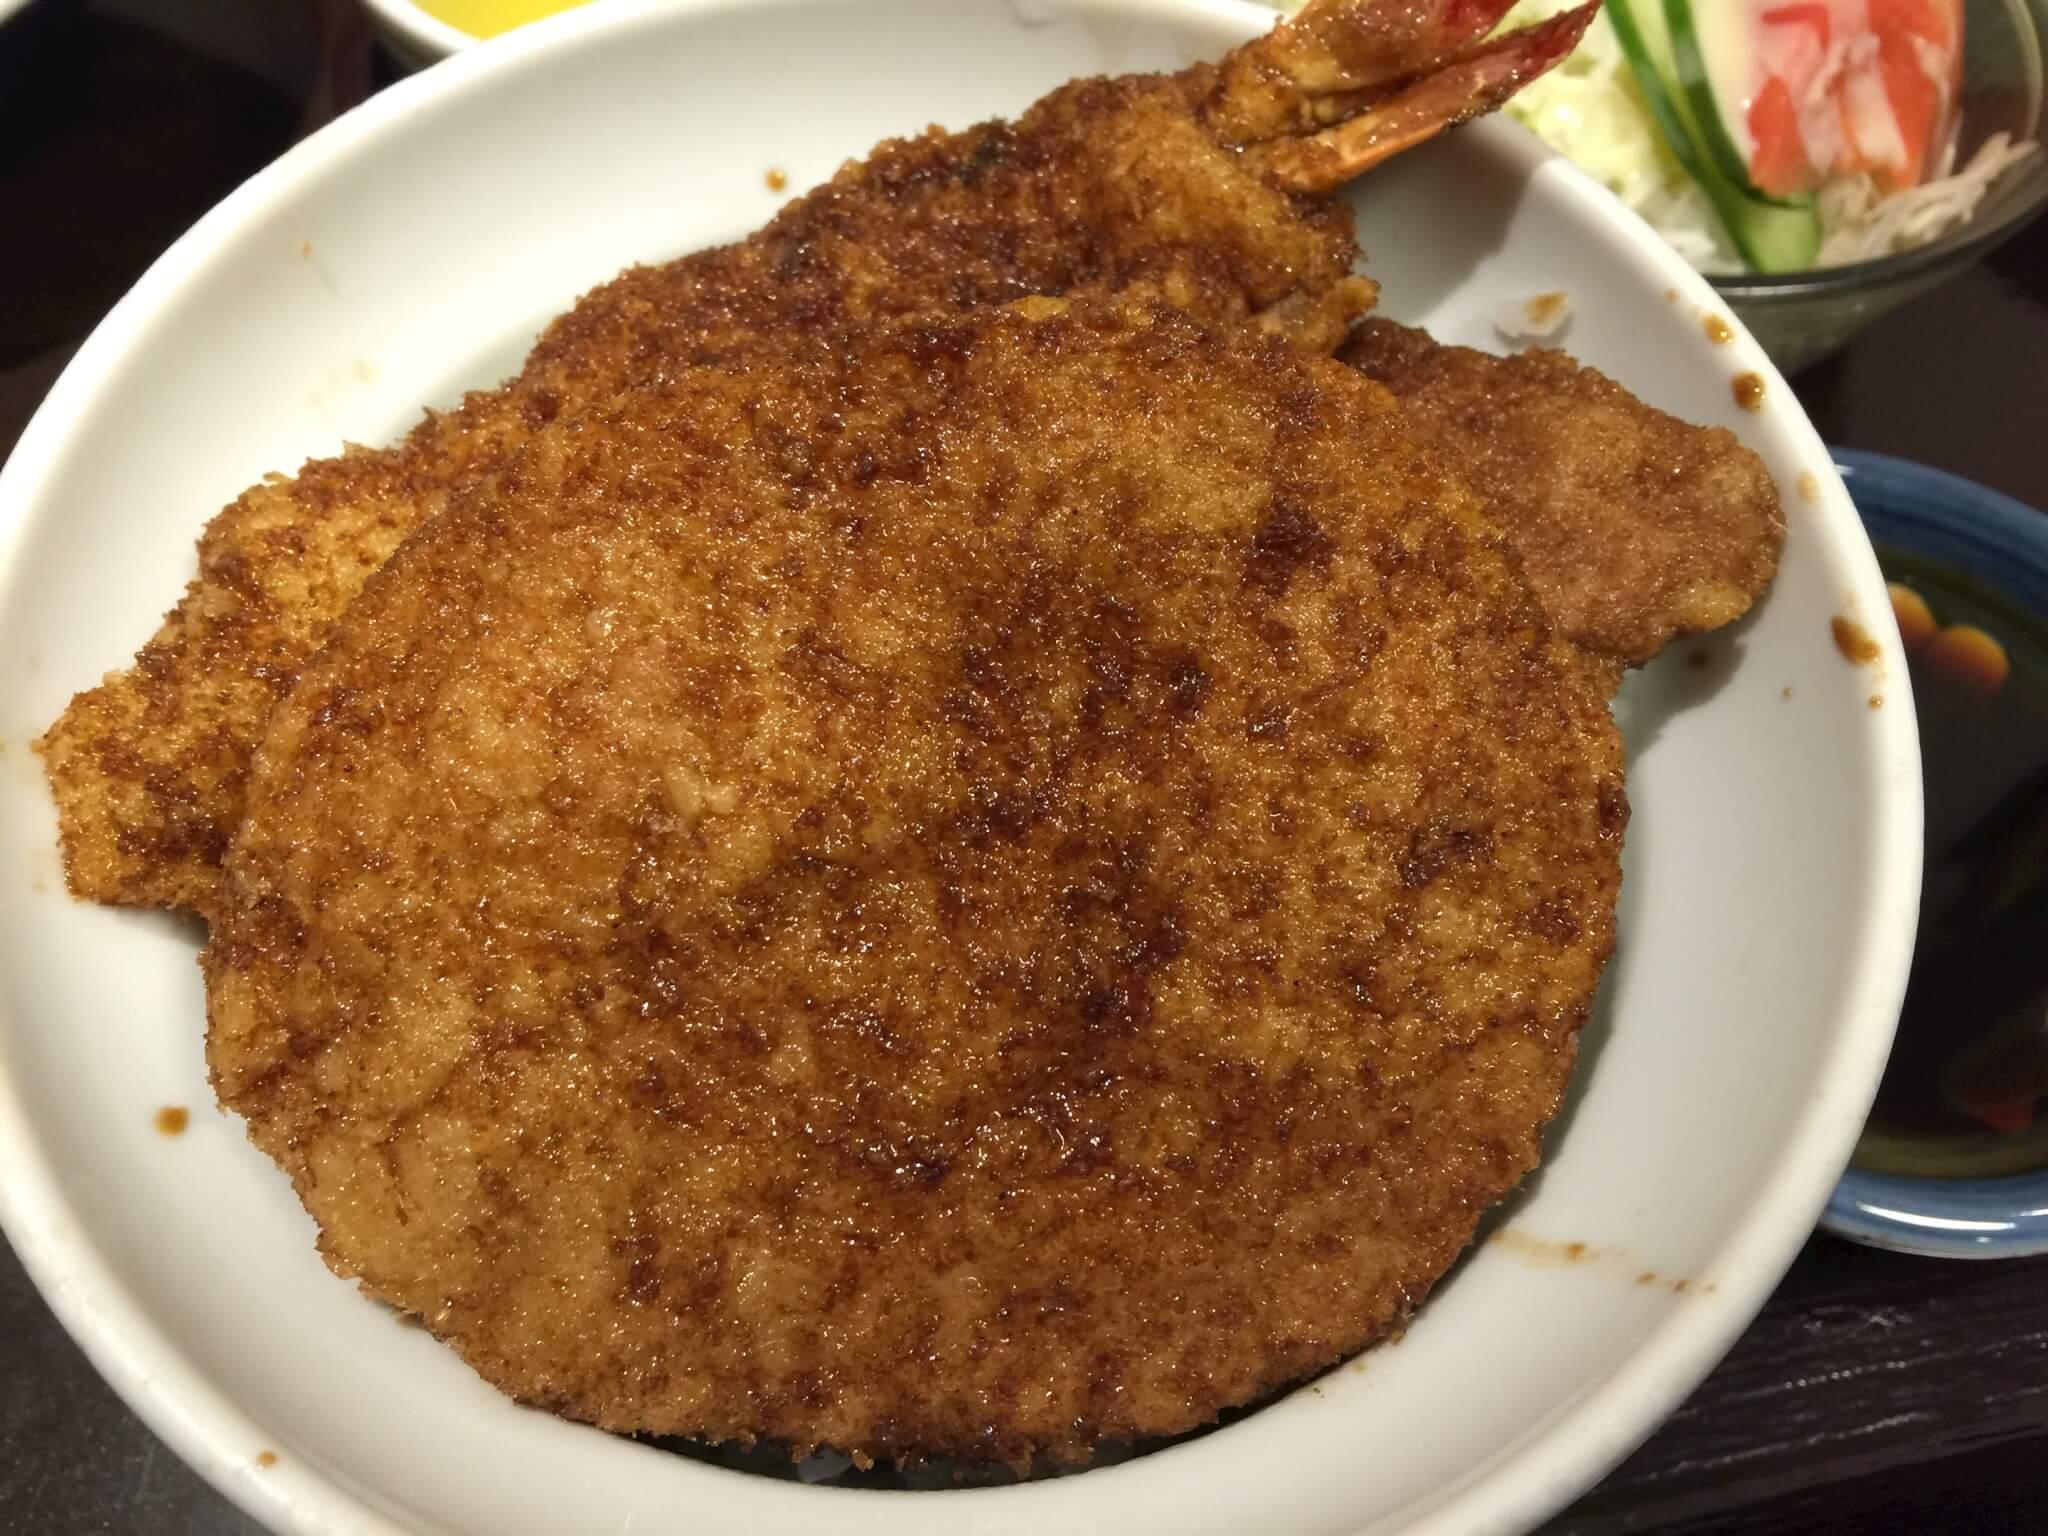 福井ヨーロッパ軒ソースカツ丼はダイナミックなボリューム